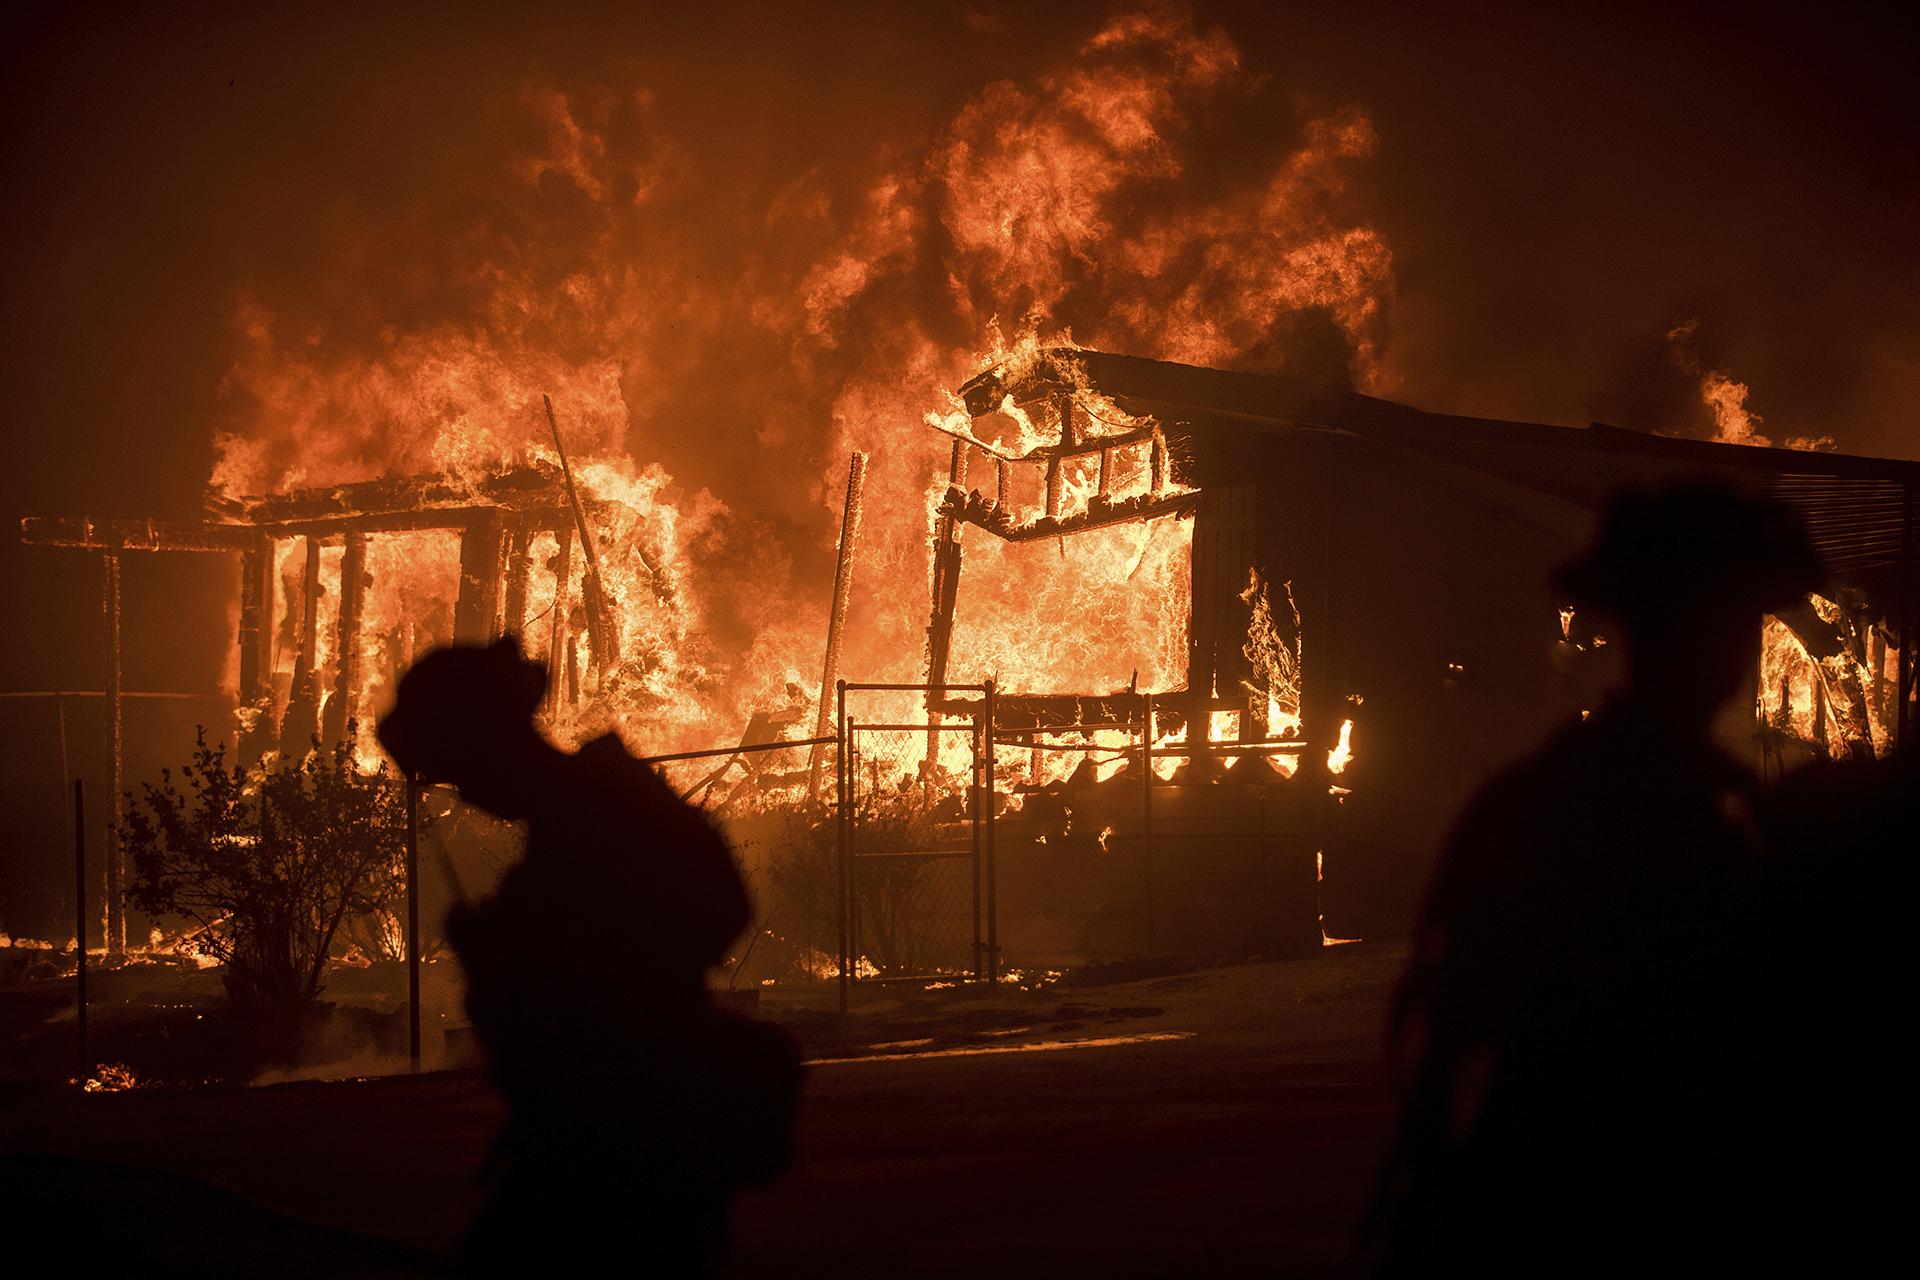 La mayor parte del sur de California, incluyendo el área metropolitana de Los Ángeles, ha sido foco de una ola de calor abrasador